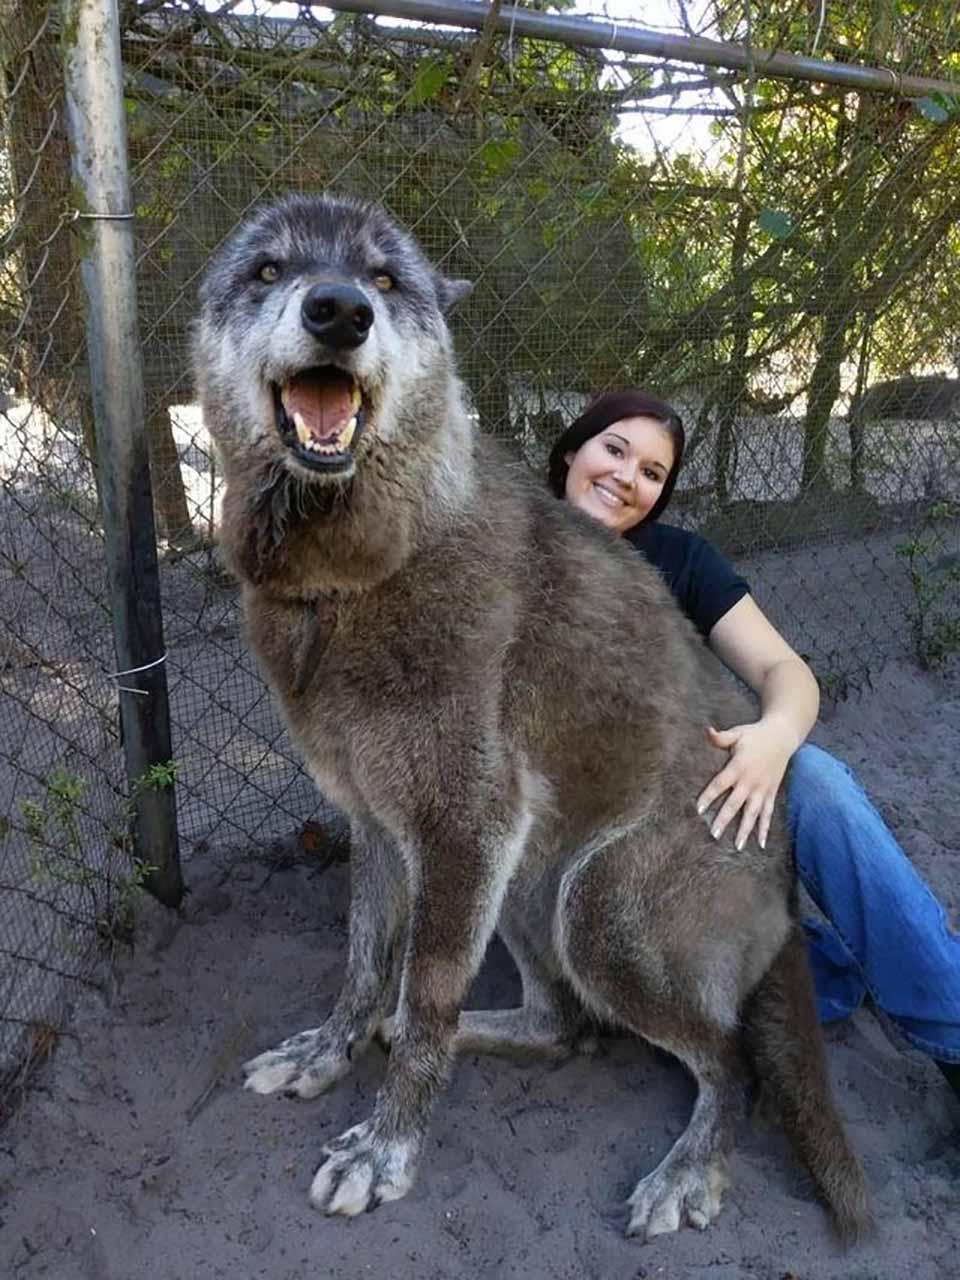 perro lobo realmente no es tan grande como parece en foto